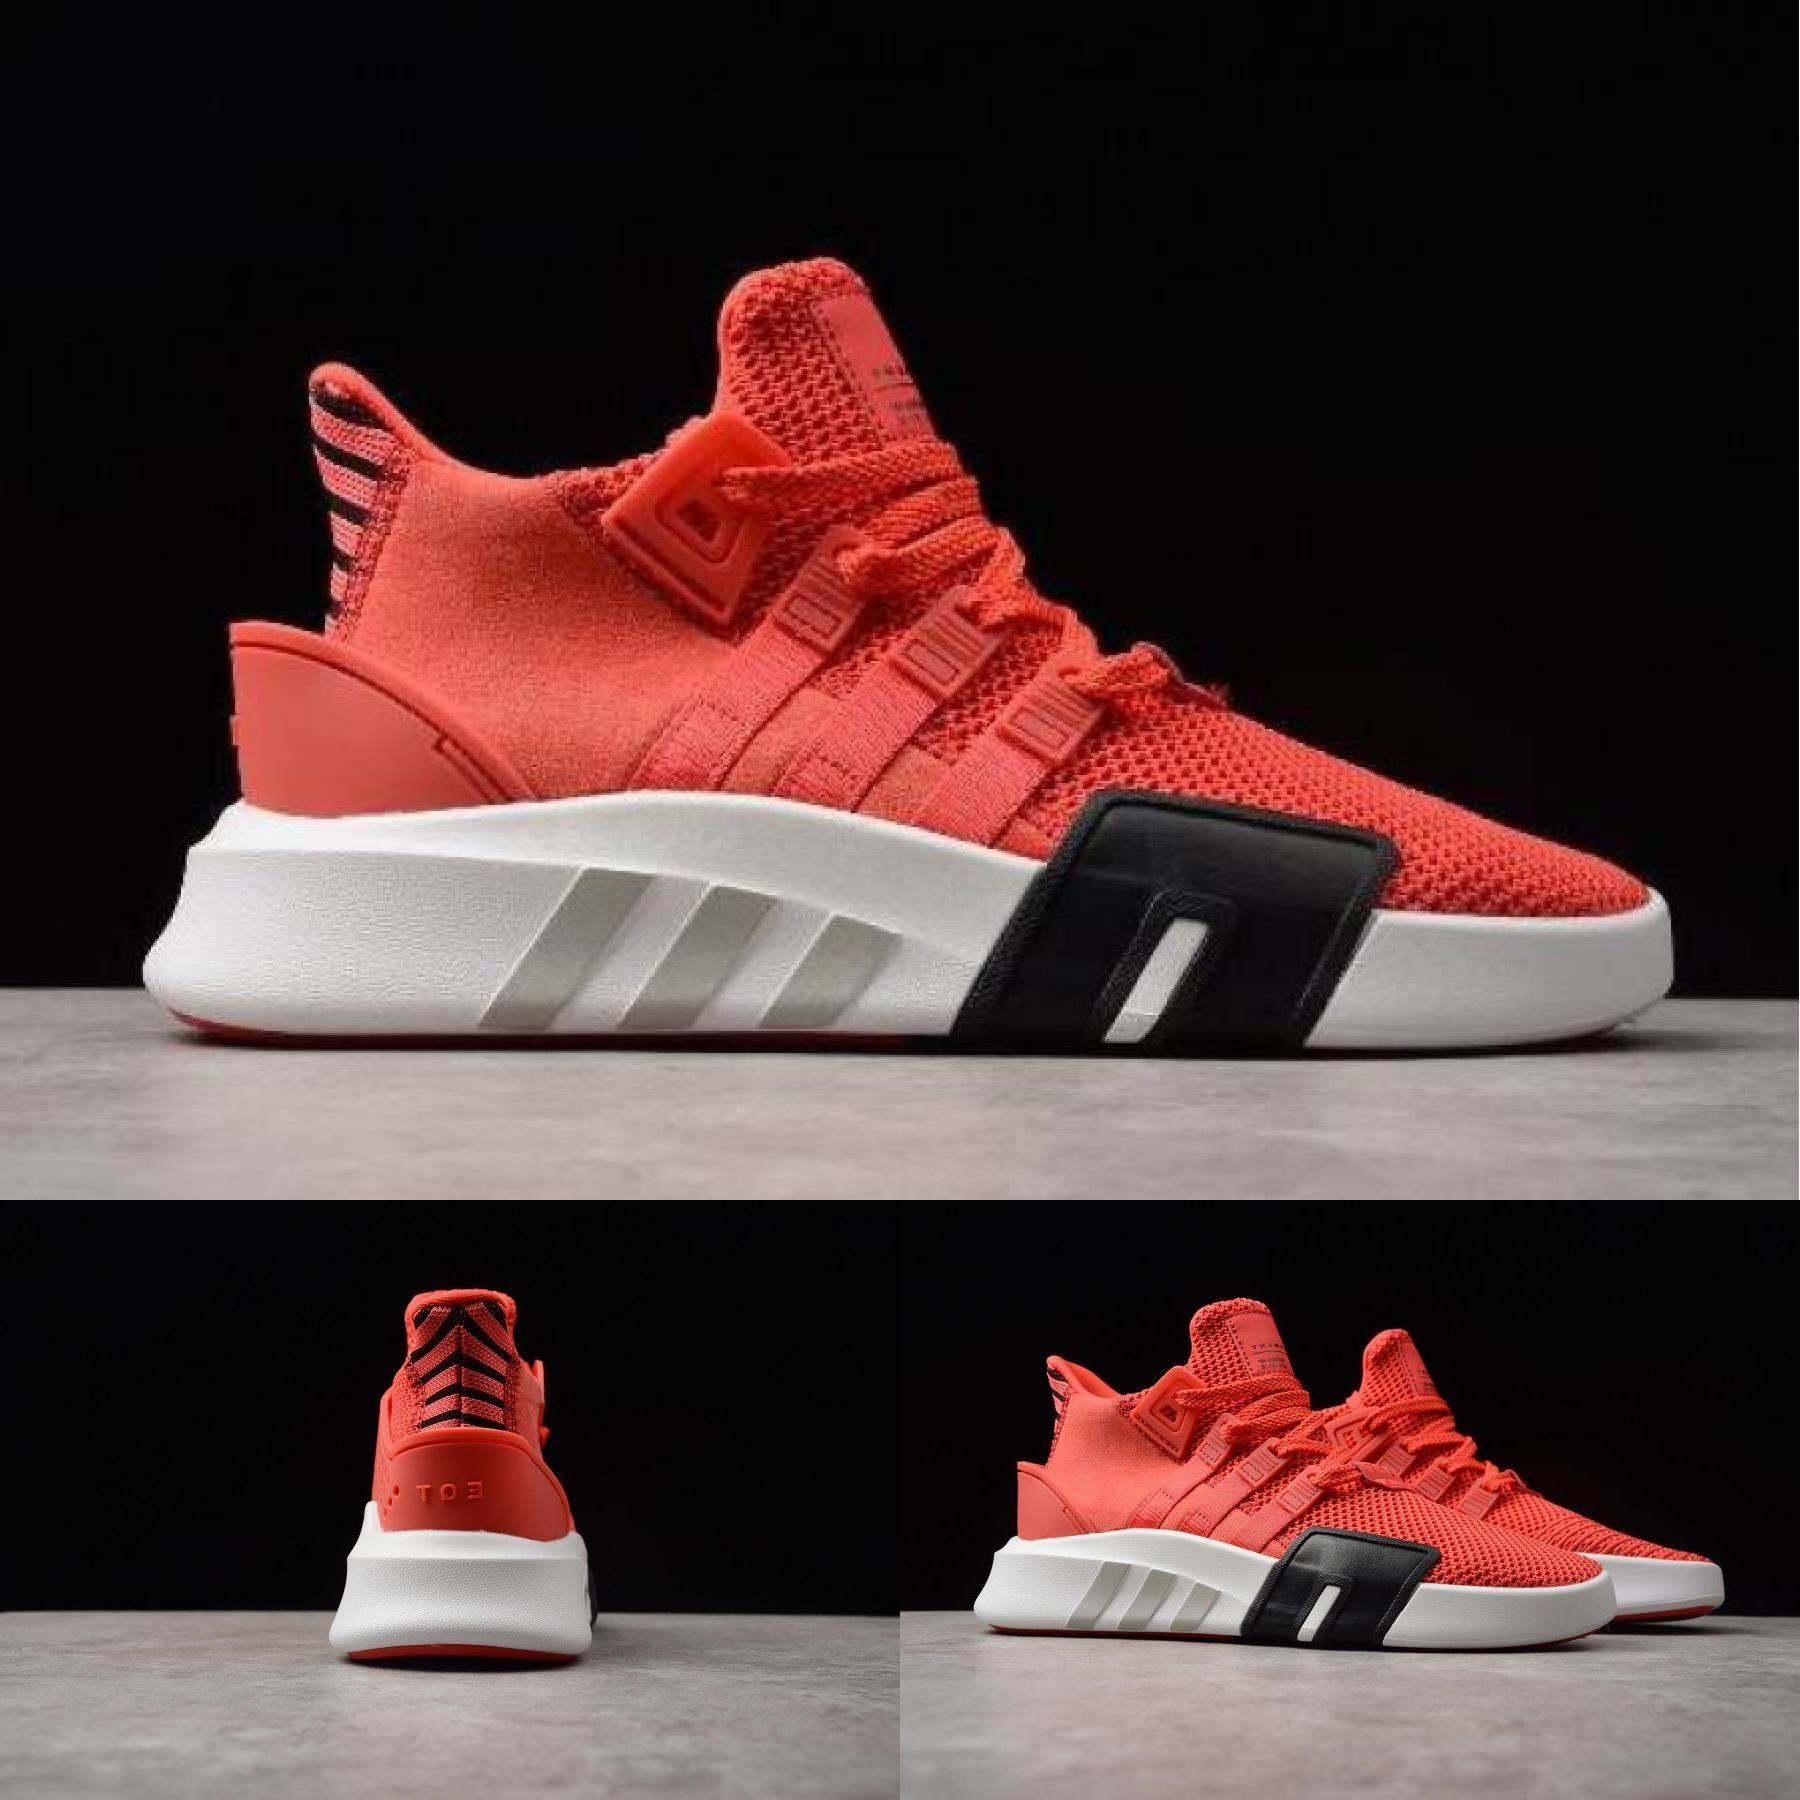 收藏到 Sneakers